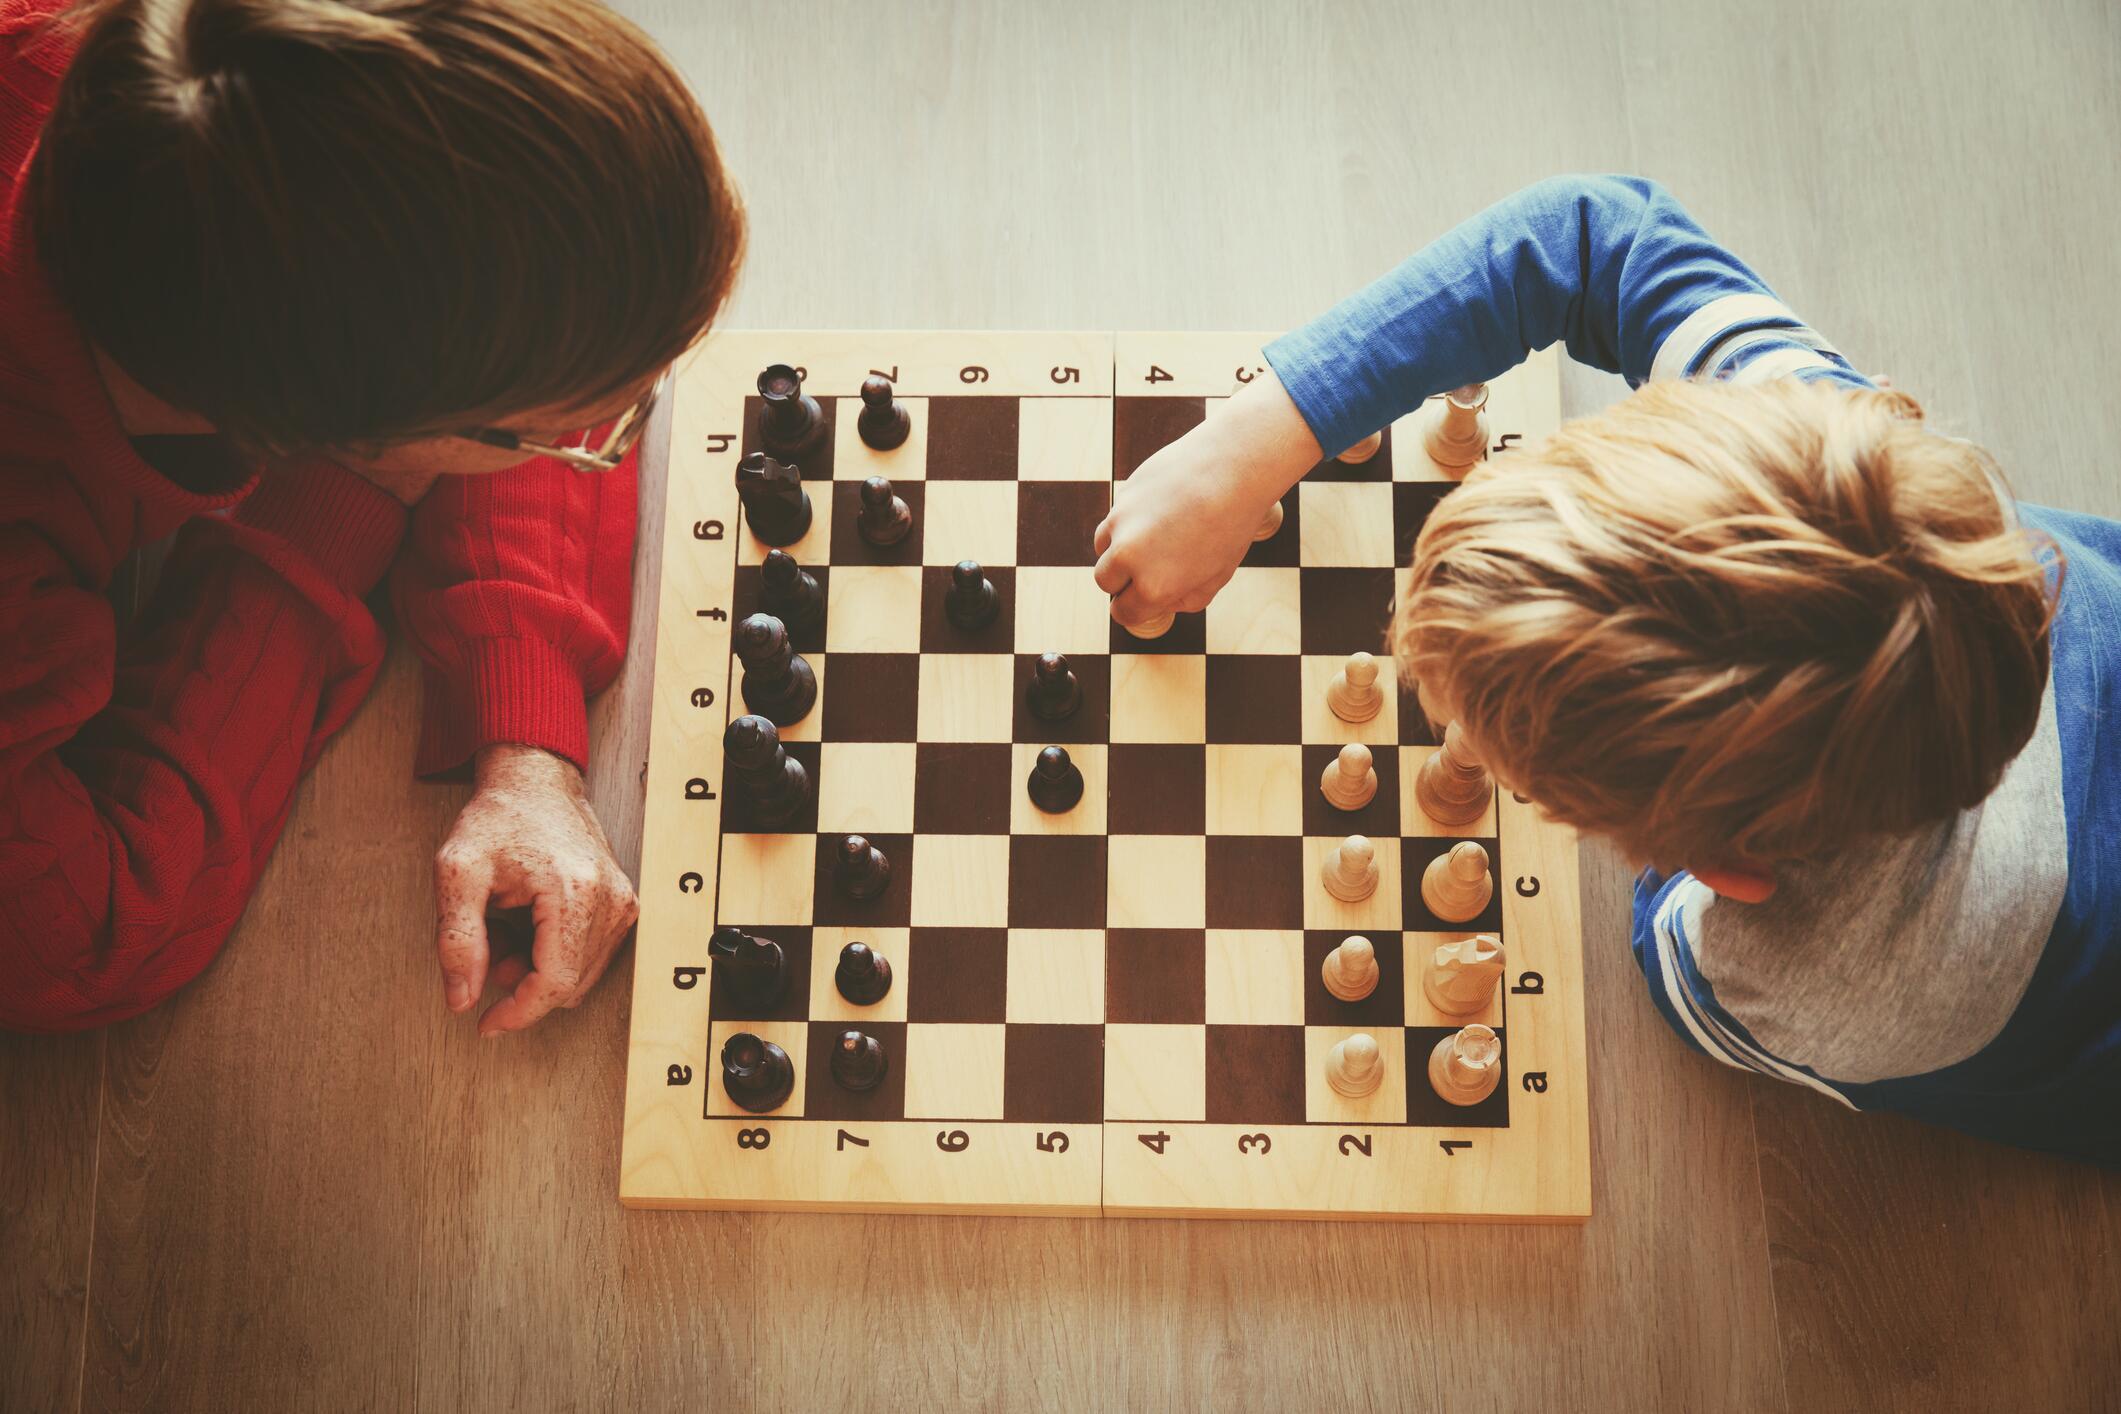 Die besten (Brett-)Spiele, die Kinder spielend fördern | WEB.DE